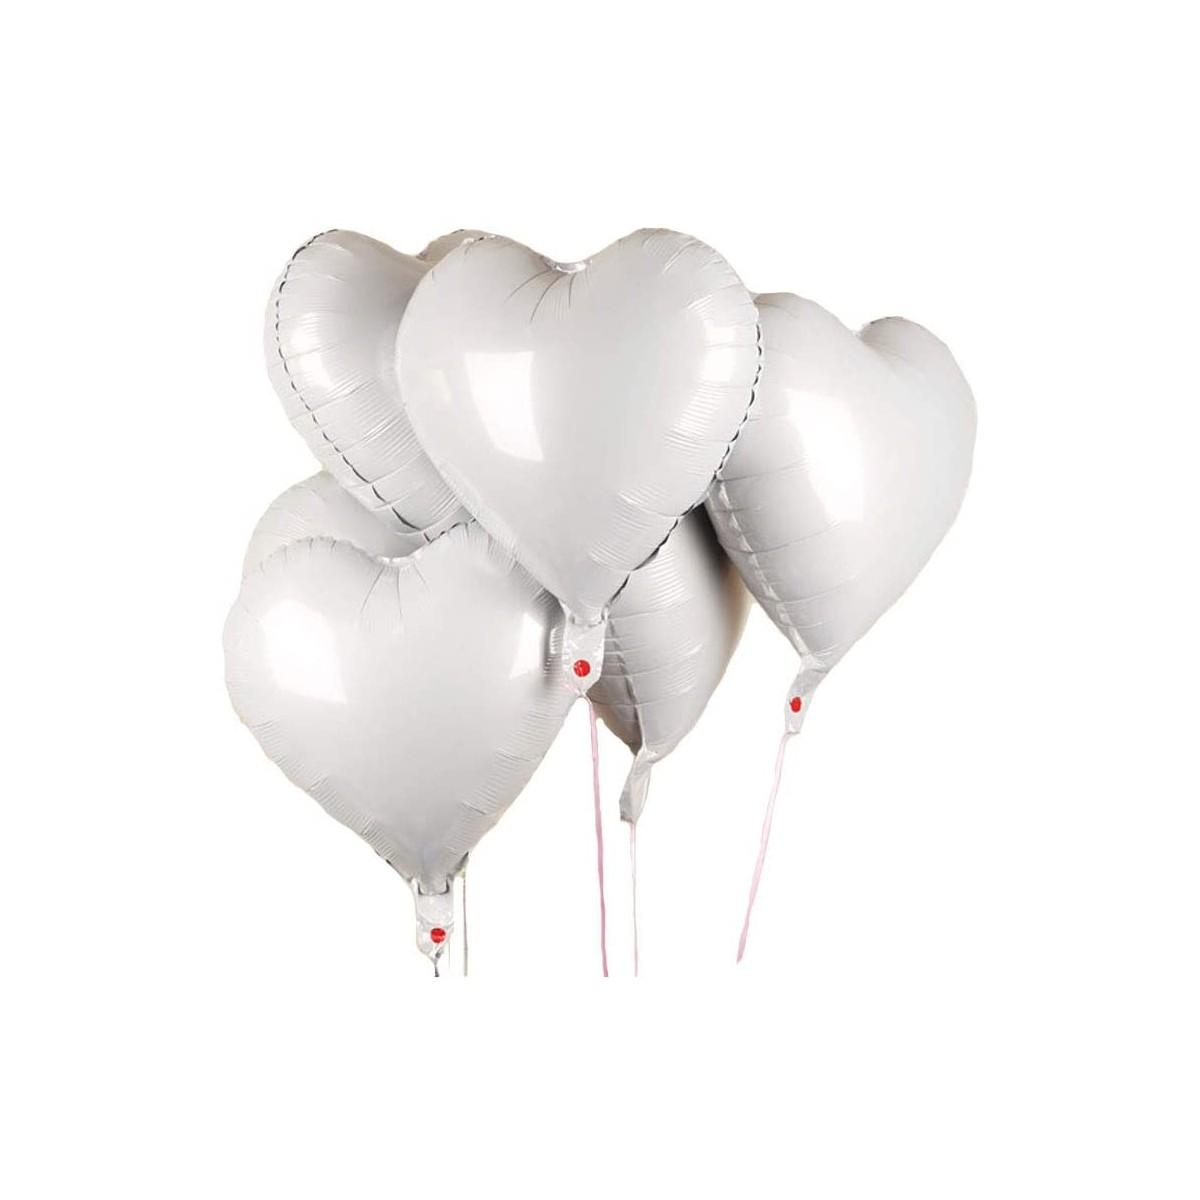 Set di 25 palloncini forma cuore da 45,7 cm, bianchi, in alluminio